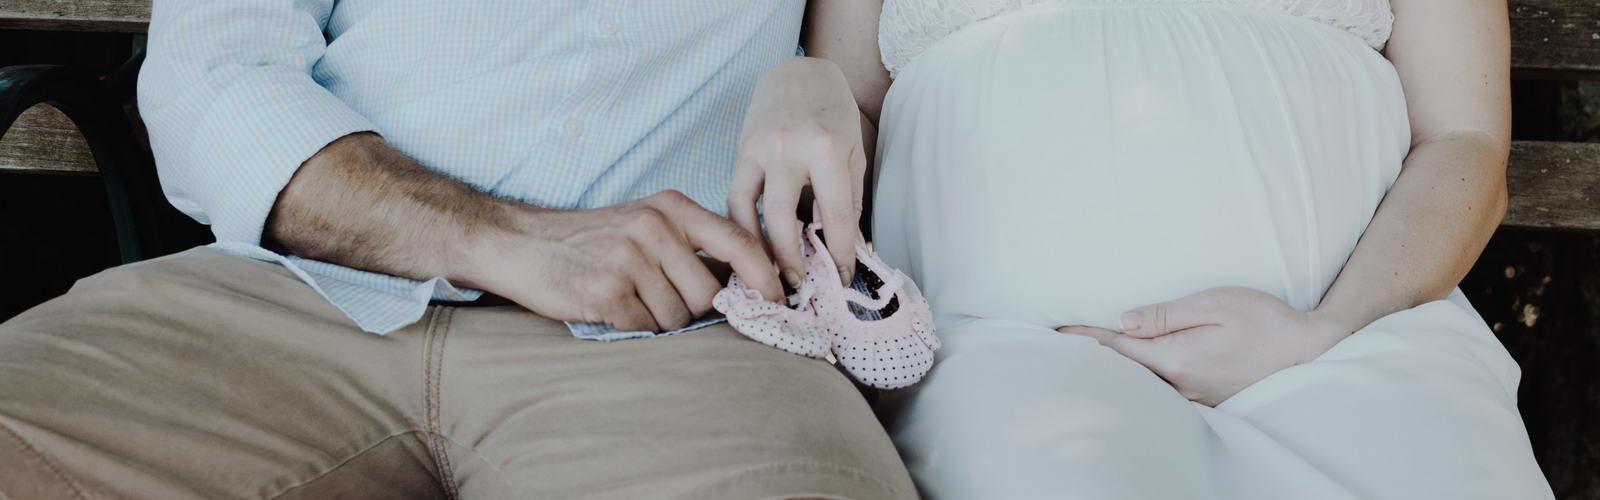 grossesse-accouchement-couts-assurance-nationalite-enfant-francais-usa-une